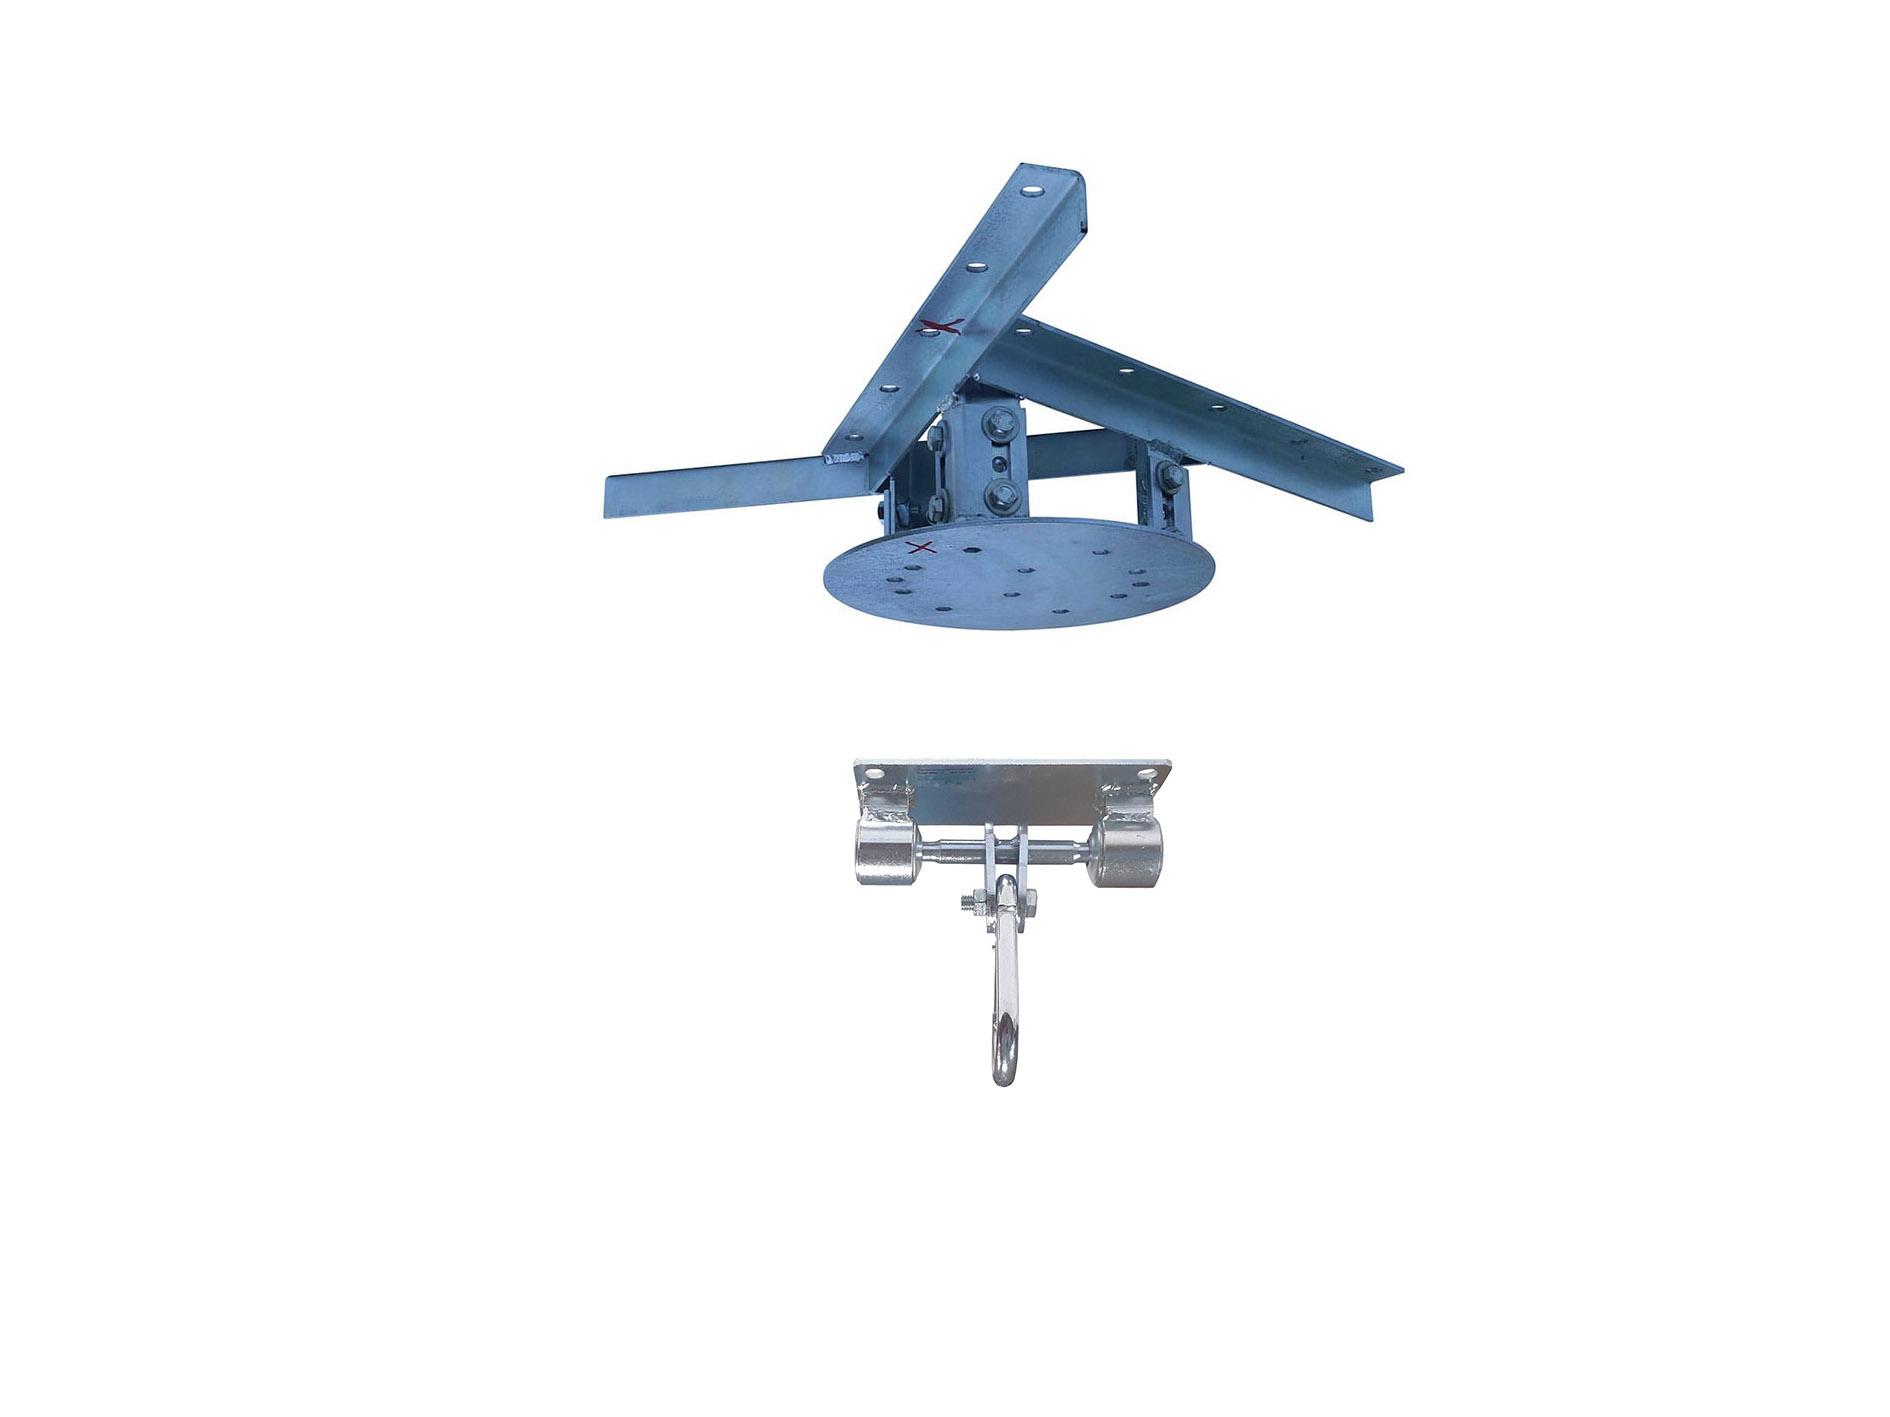 Kit extensor ajustável para teto com forro de gesso - 11 a 15cm + balanço mosquetão chapa retangular 4 furos